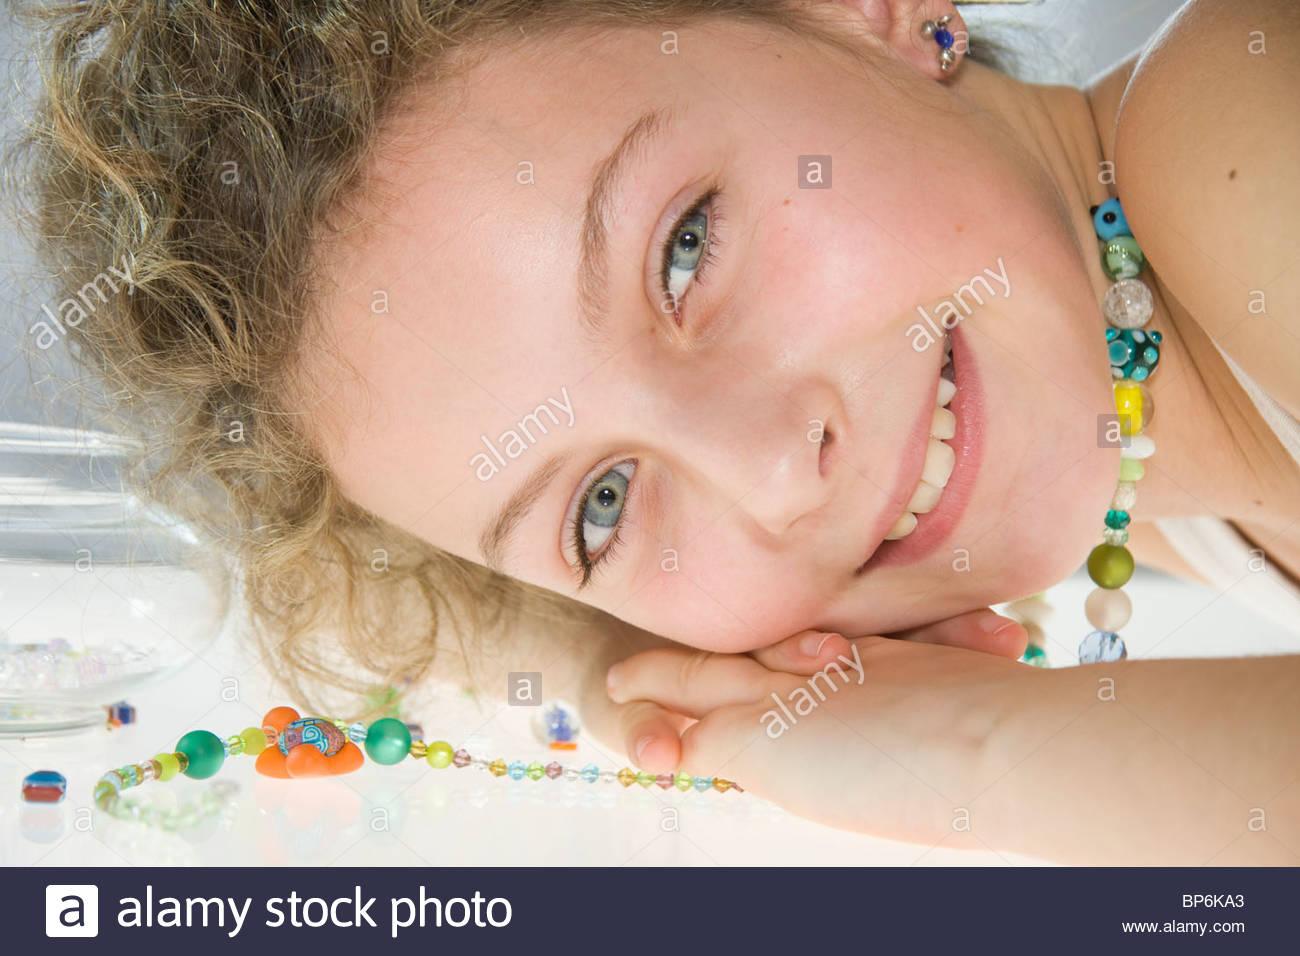 Ein junges Mädchen tragen eine handgemachte Halskette, Gesicht ruhen auf einem Tisch Stockbild